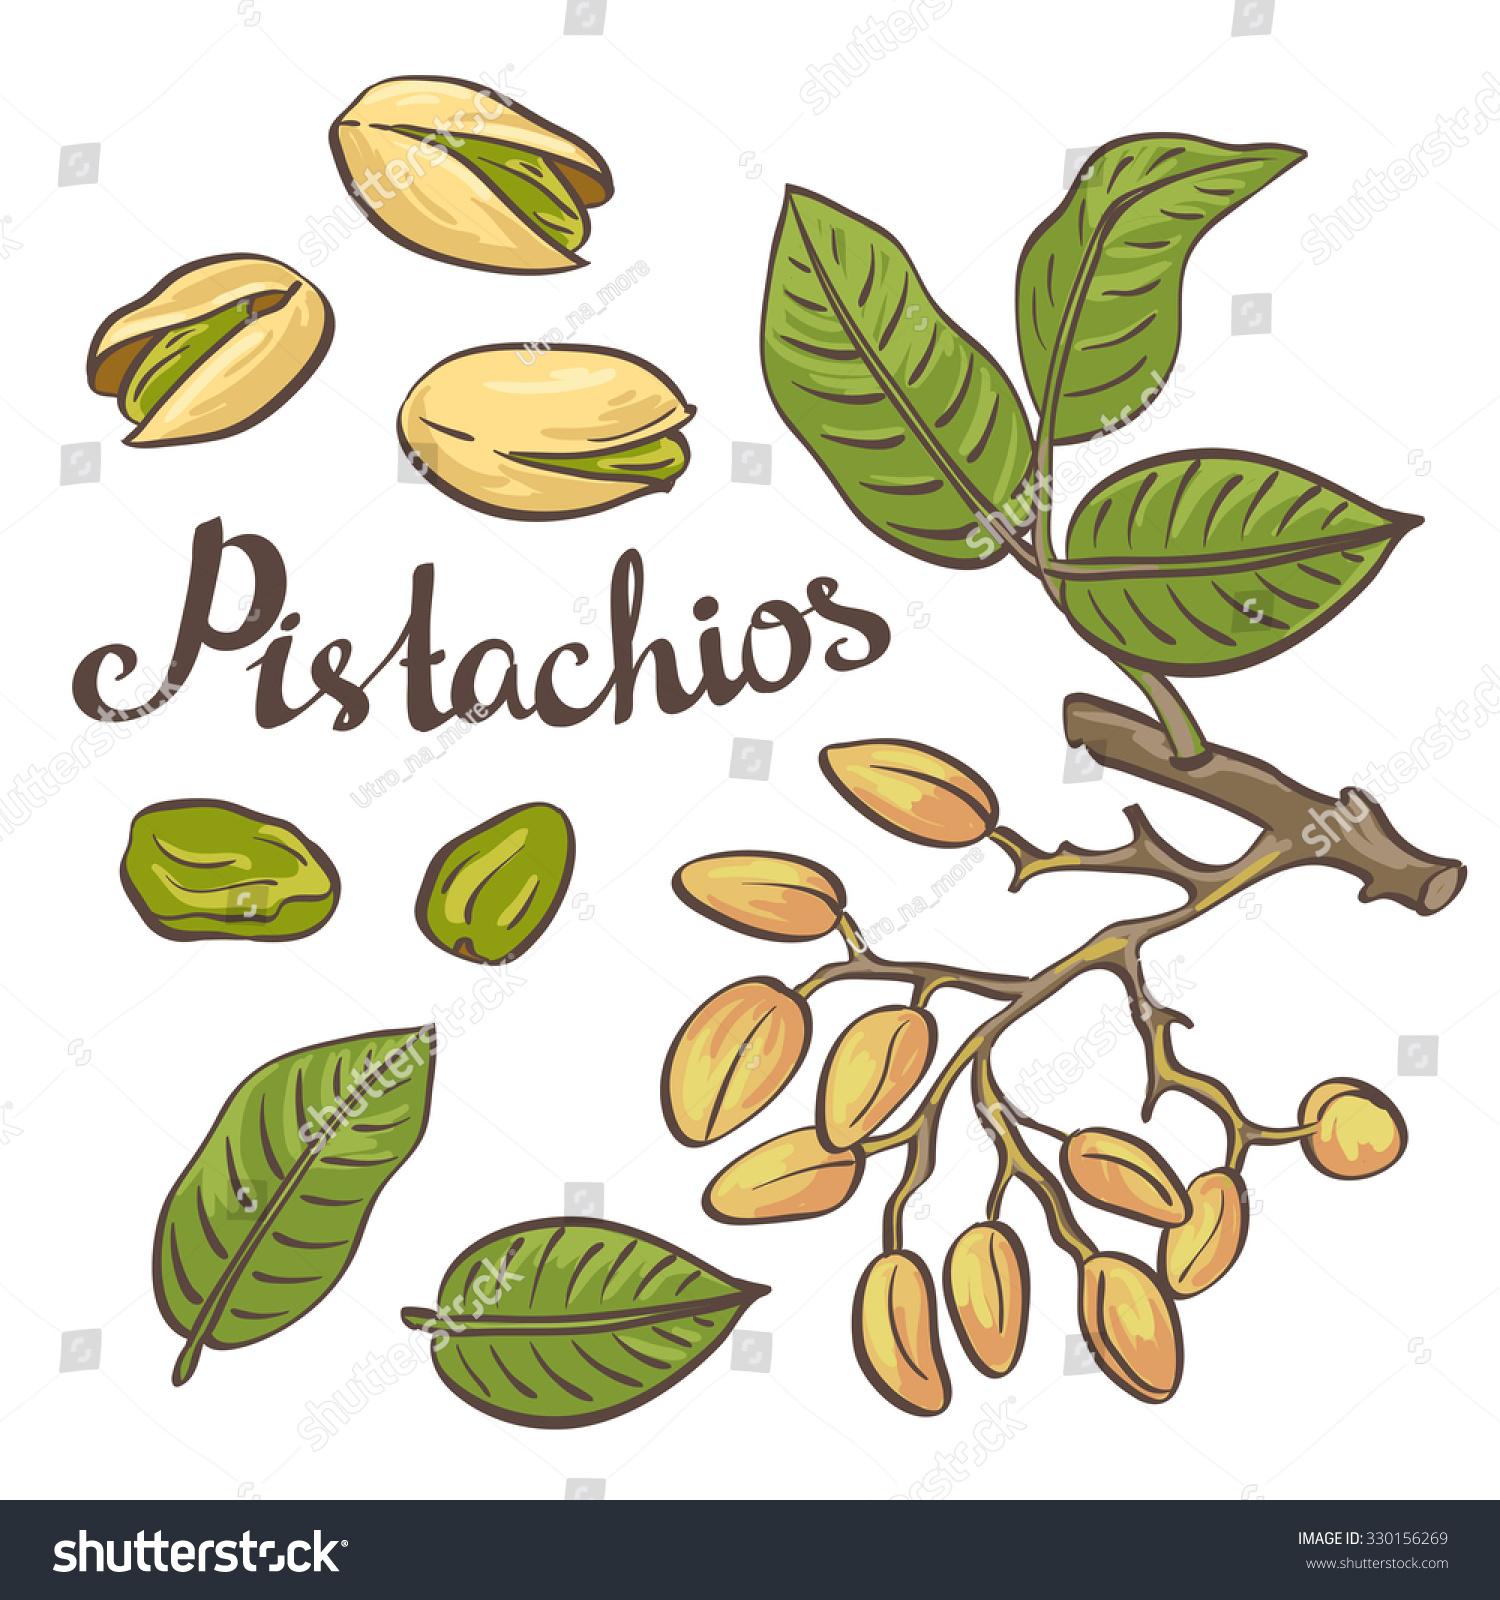 tree nut clip art - photo #38